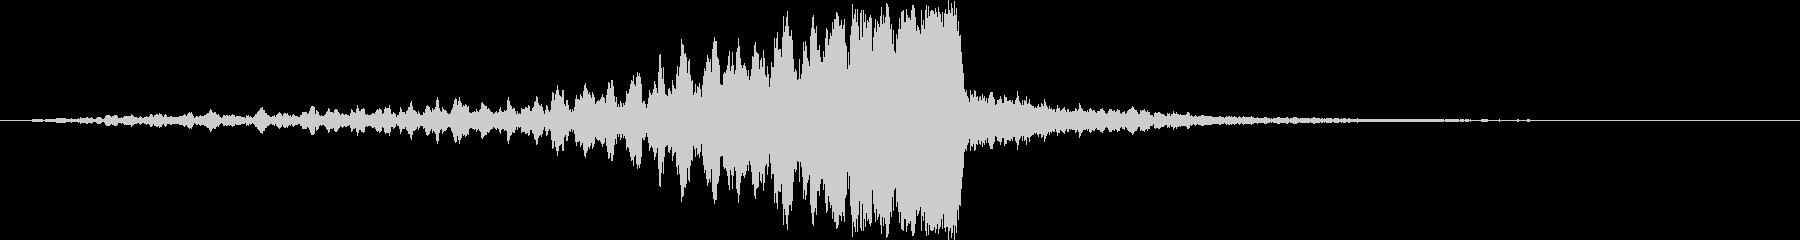 迫力の映画タイトルロゴ(シネマティック)の未再生の波形